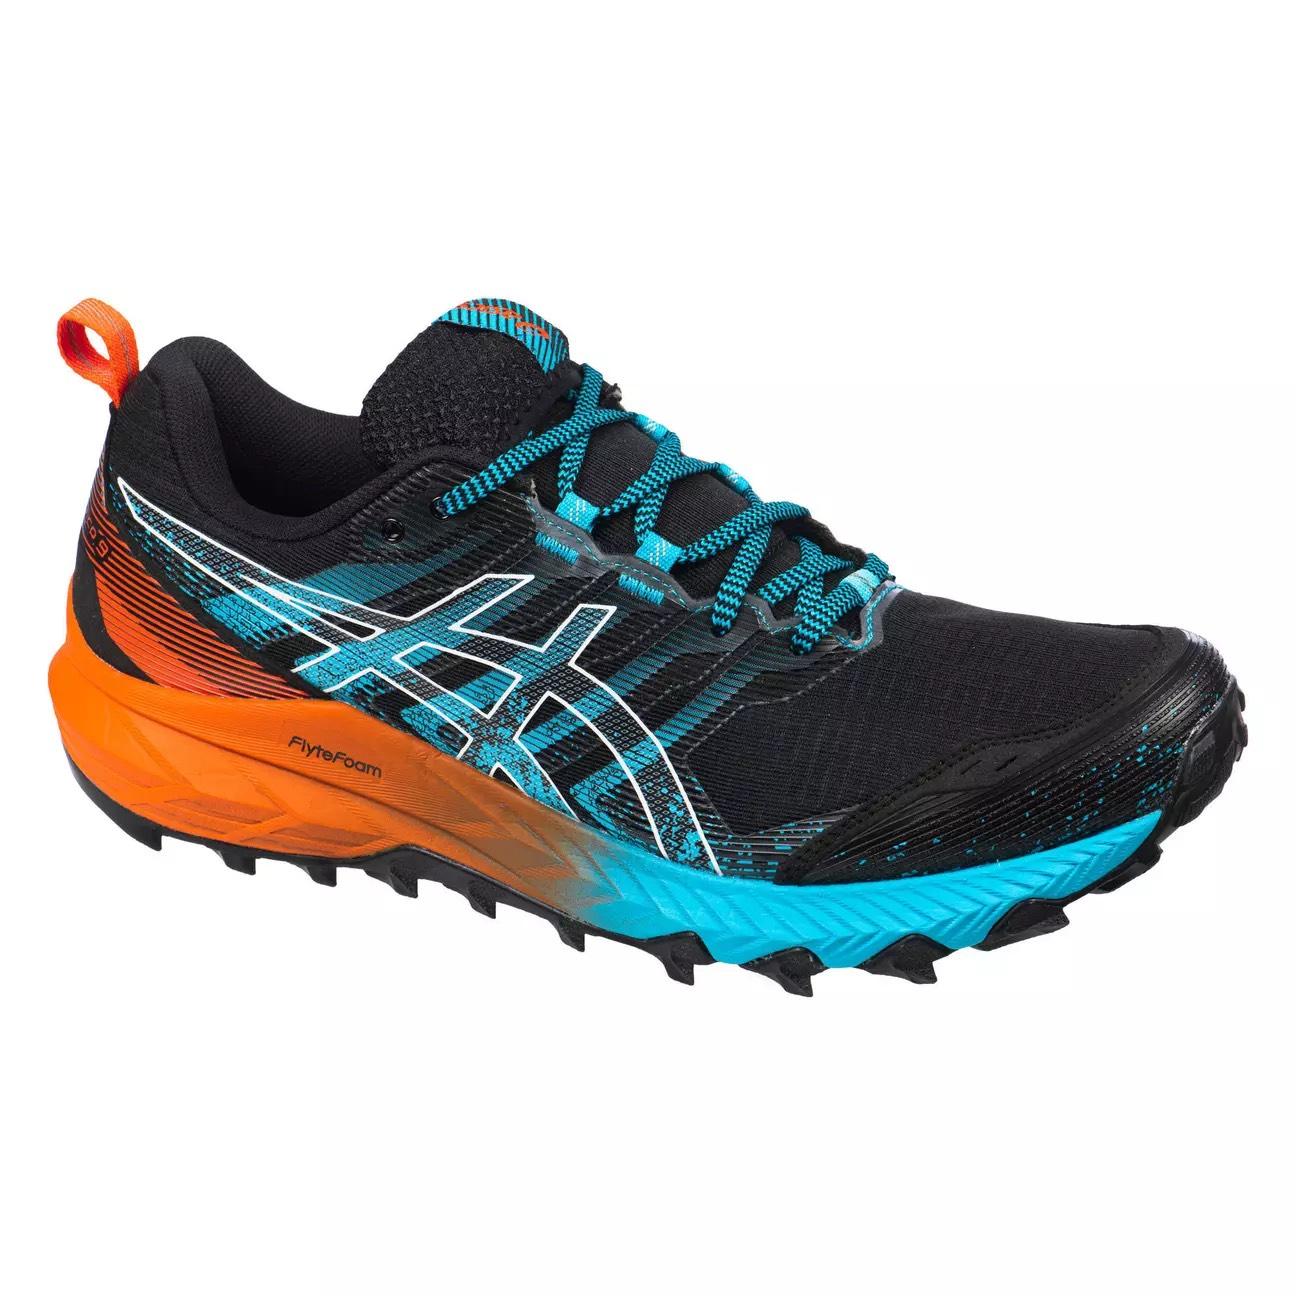 Chaussures de trail Asics Gel-Fujitrabuco 9 - Noir, Tailles 41.5 à 47